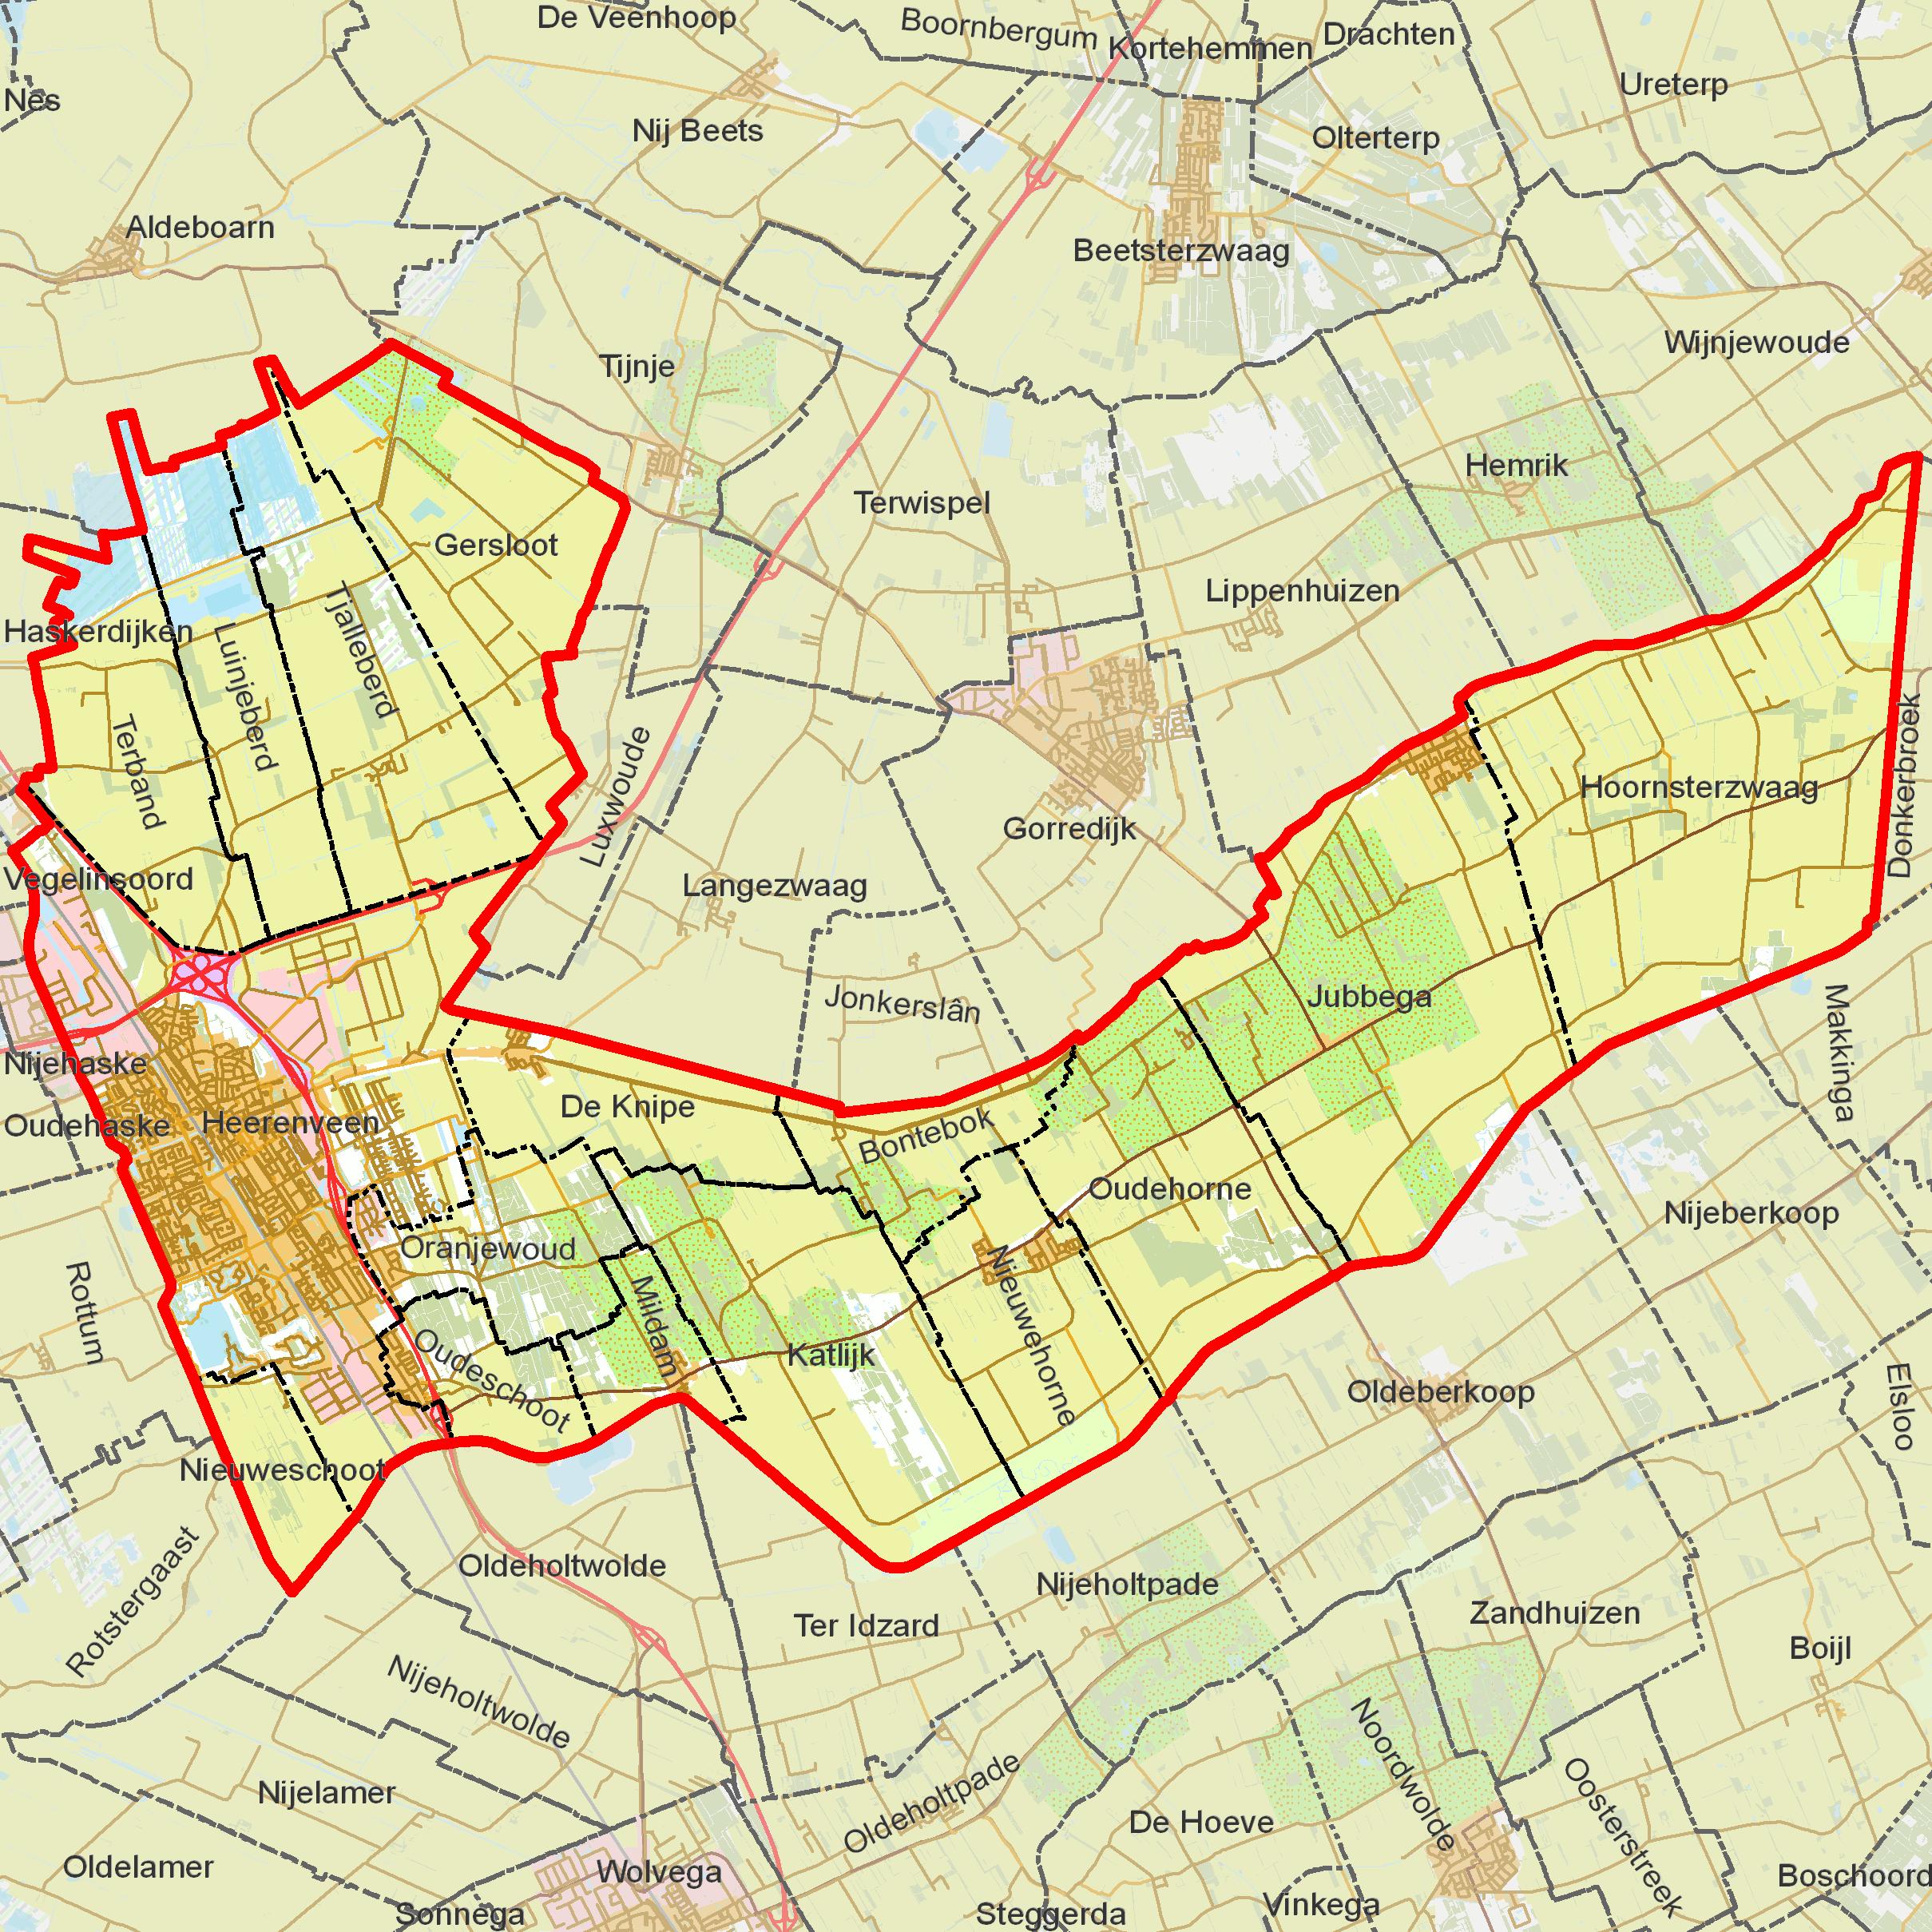 BAG_woonplaatsen_-_Gemeente_Heerenveen